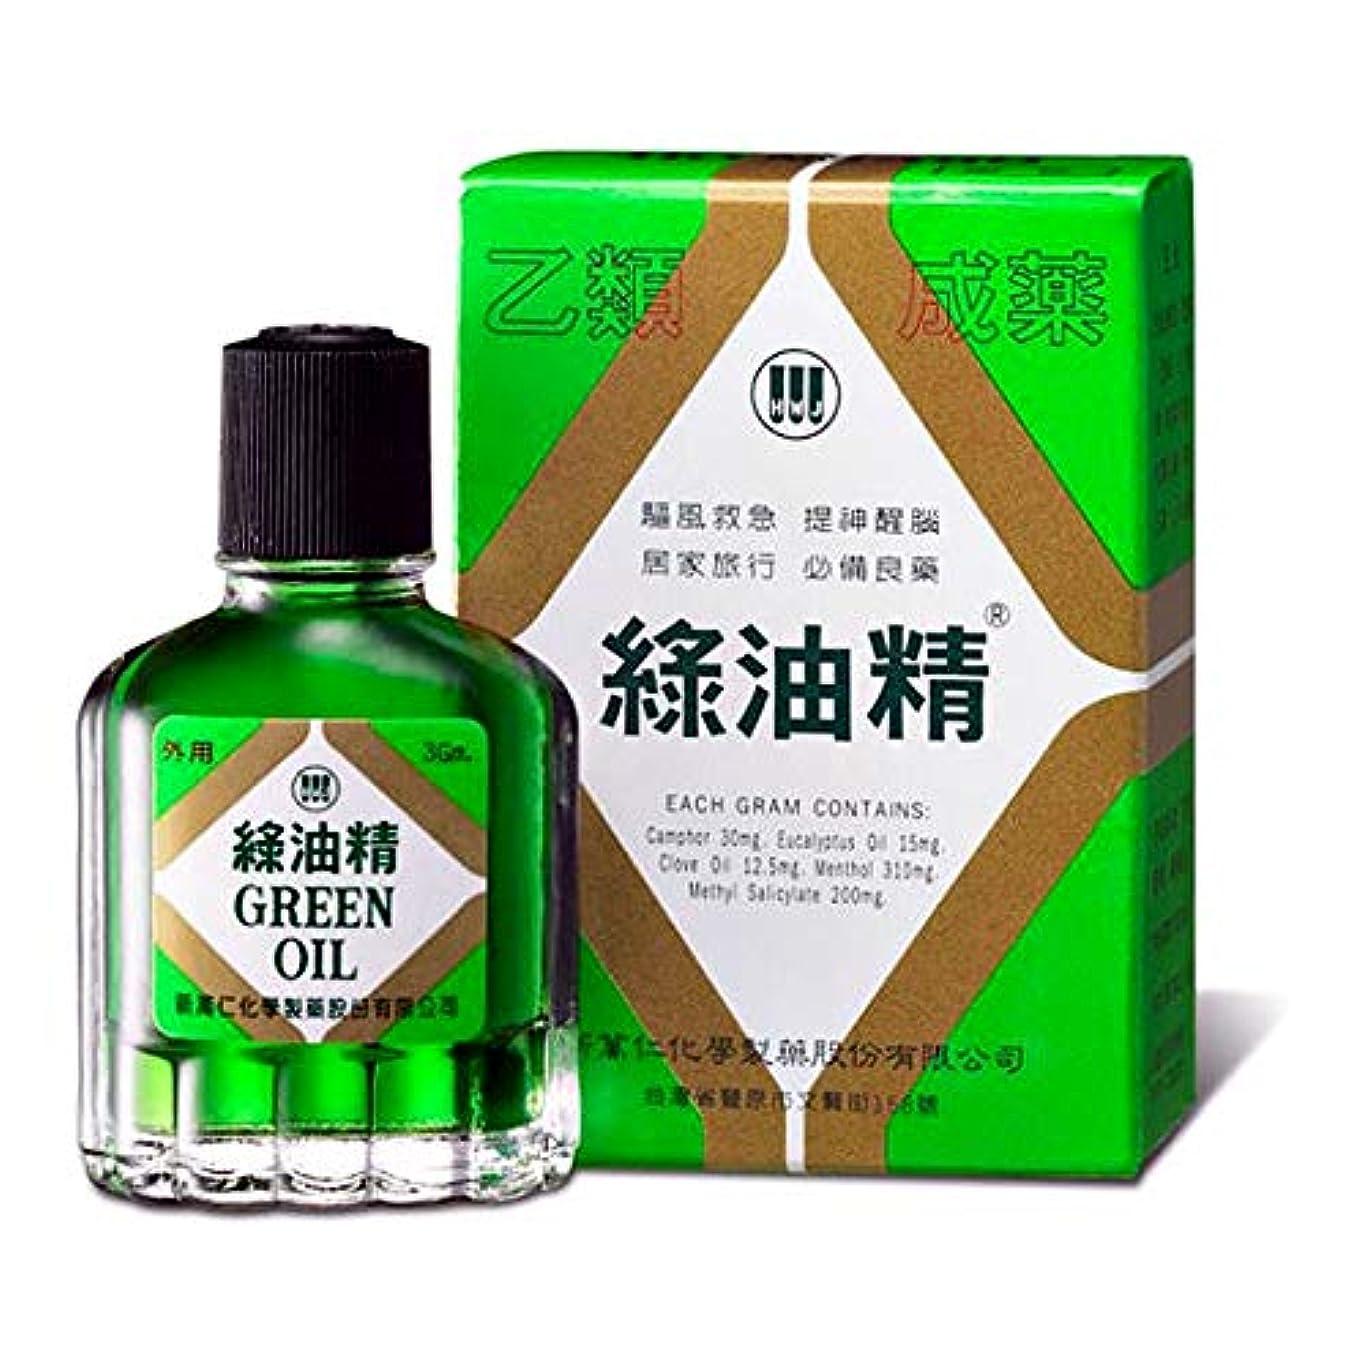 蜜長方形チャンピオン《新萬仁》台湾の万能グリーンオイル 緑油精 3g 《台湾 お土産》 [並行輸入品]